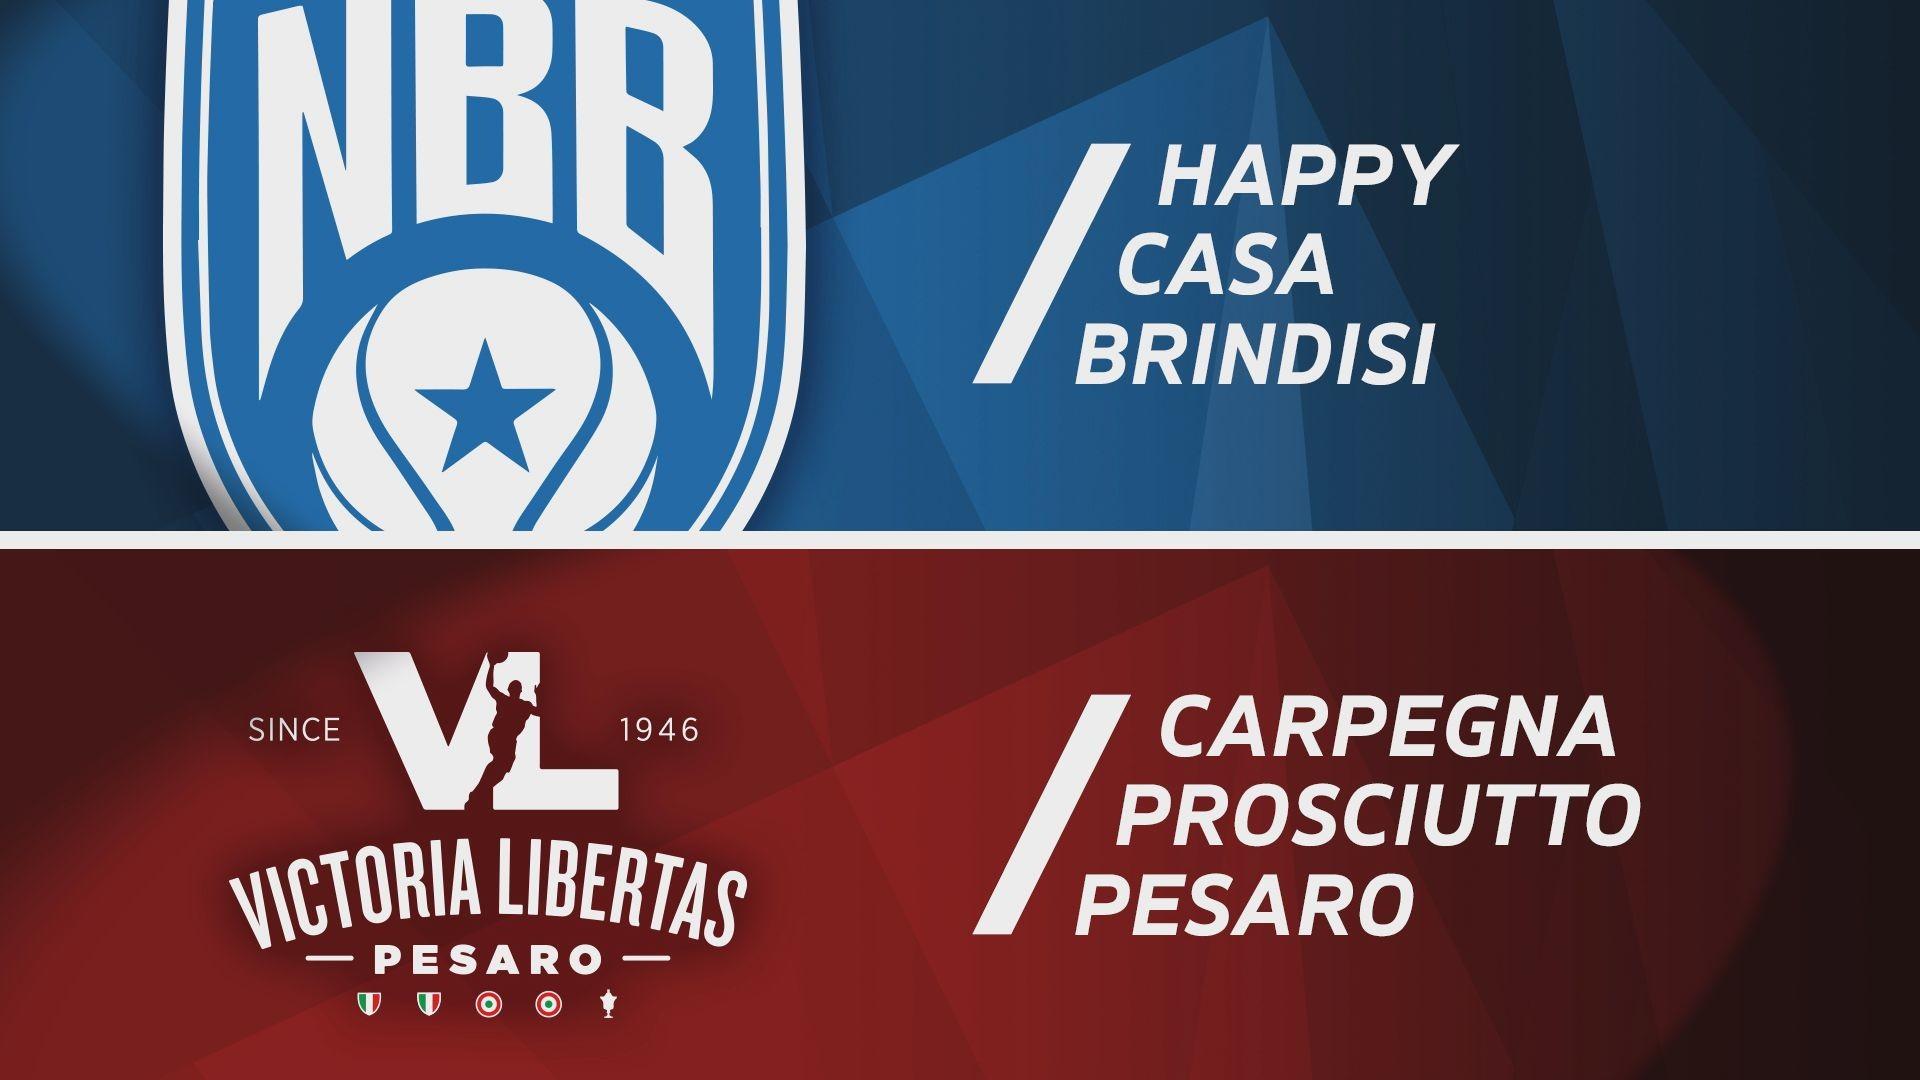 Happy Casa Brindisi - Carpegna Prosciutto Pesaro 81-92